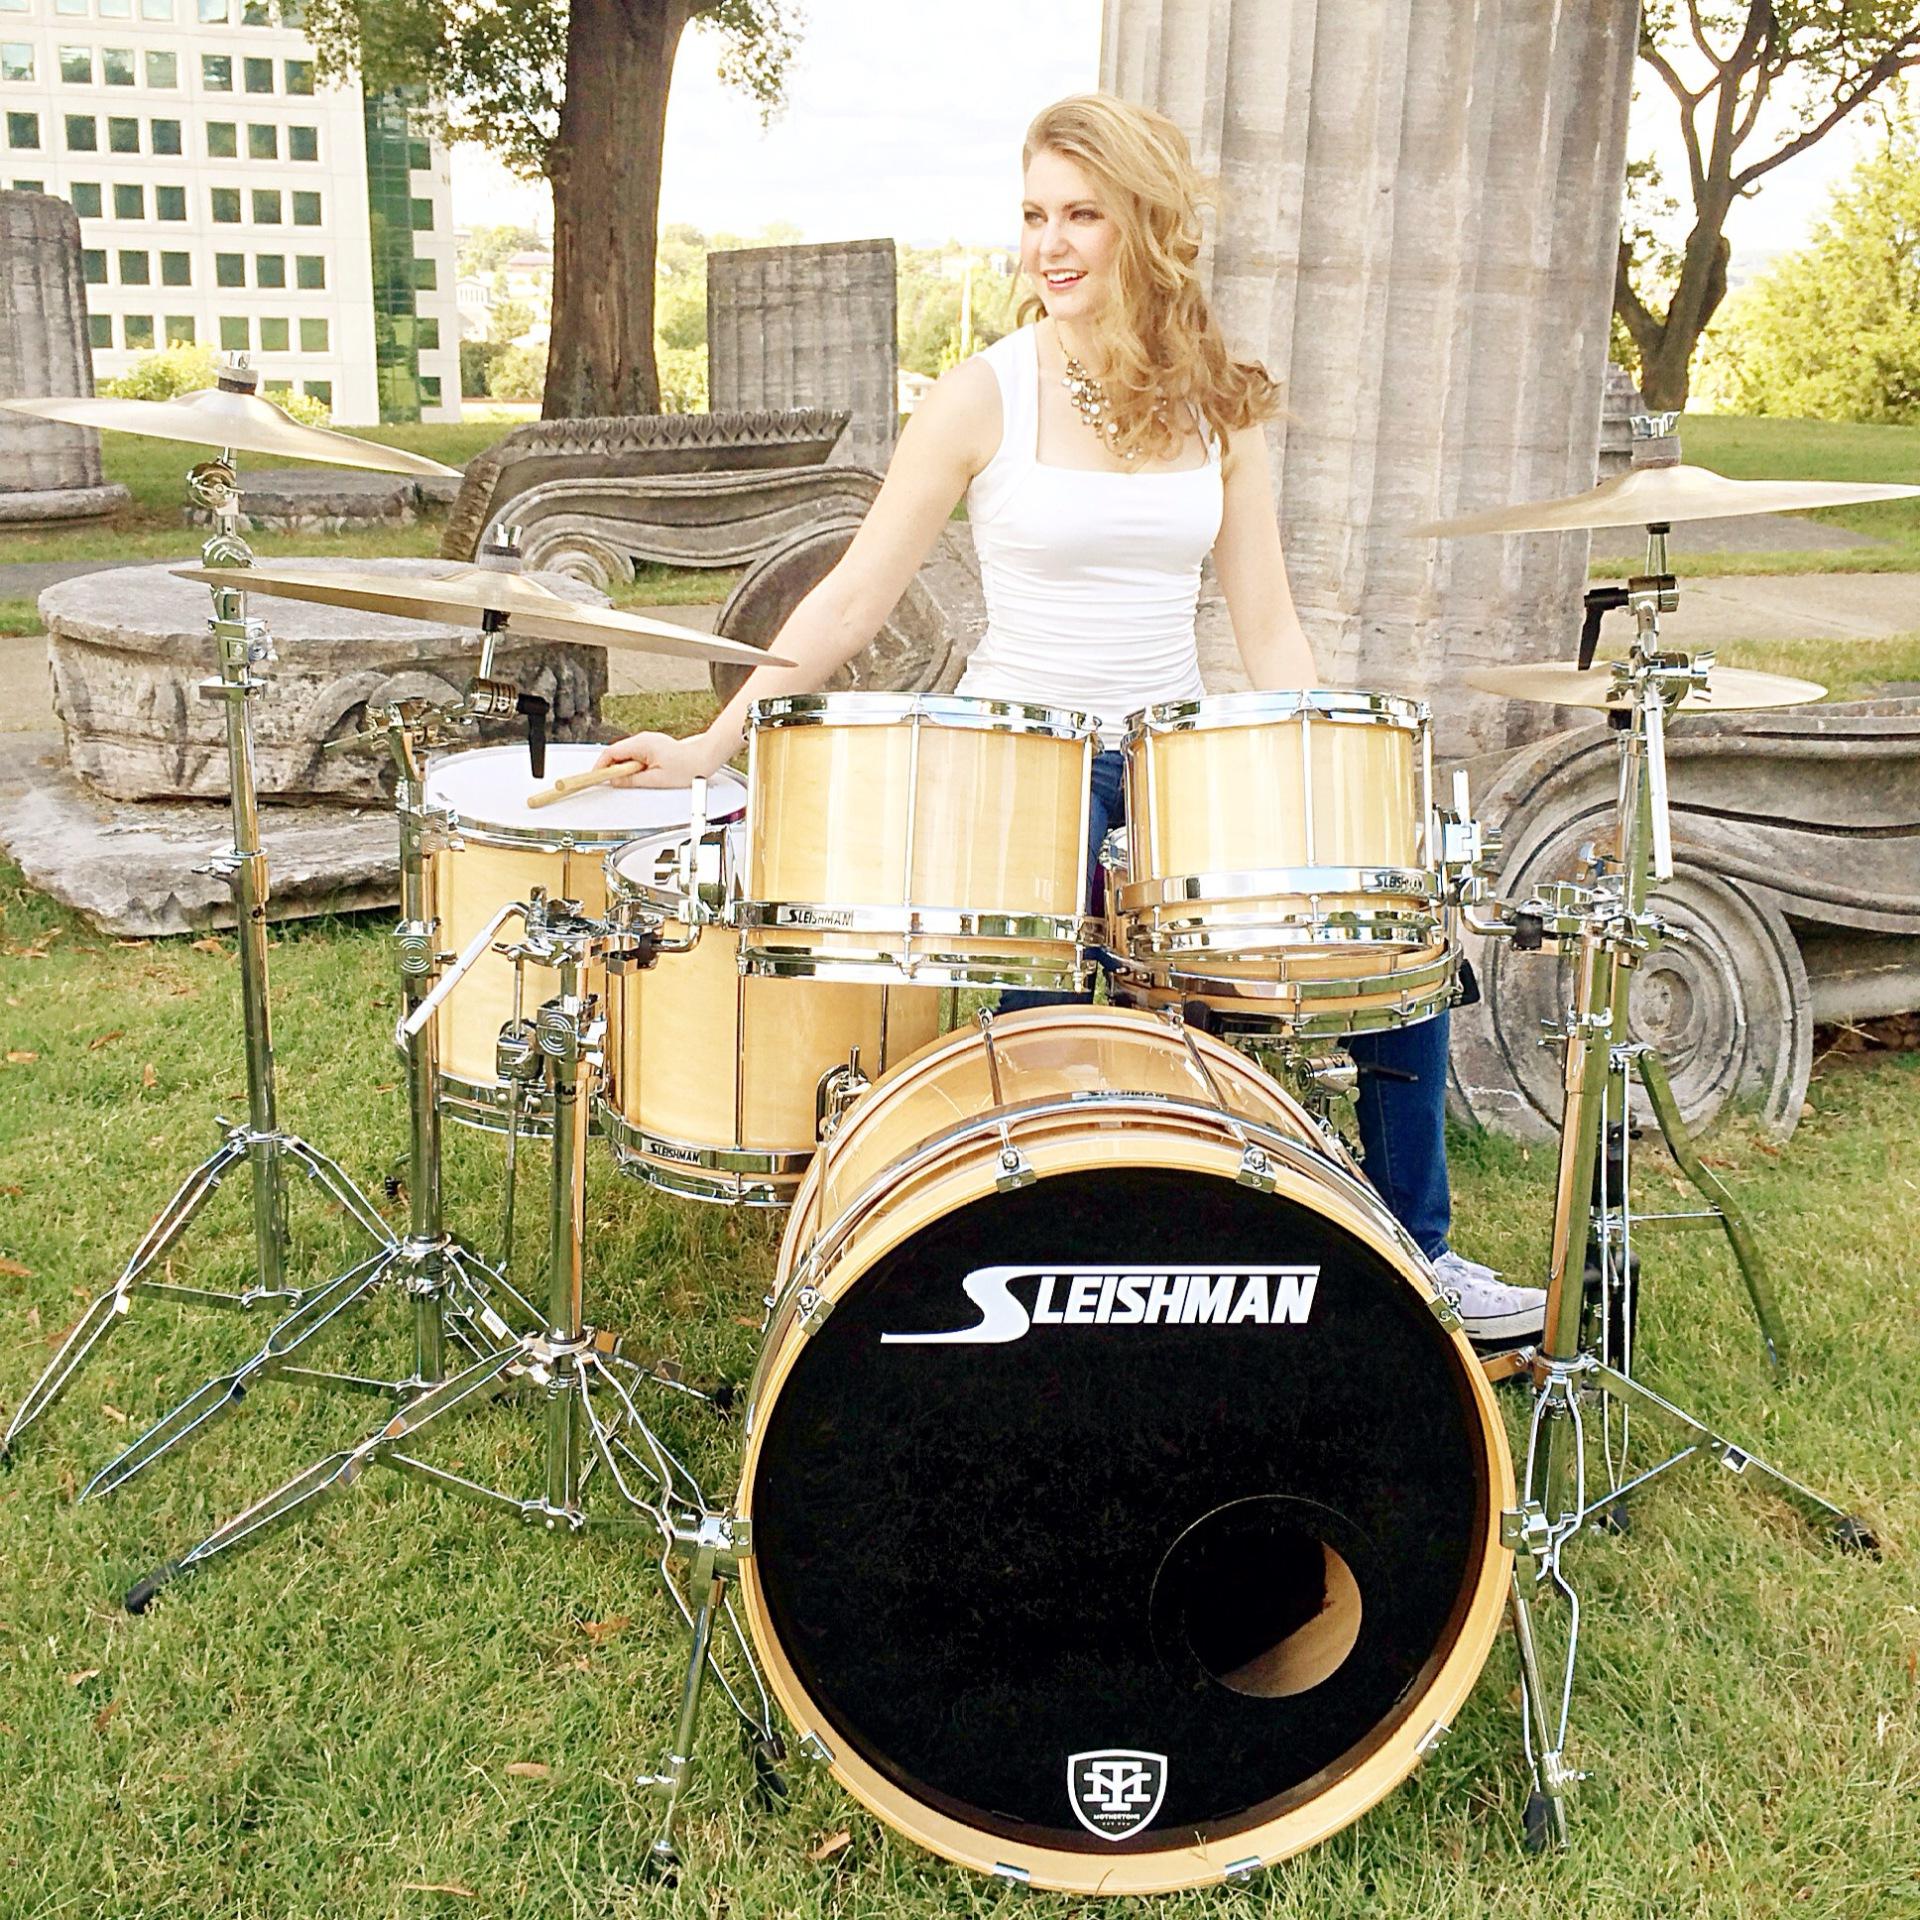 Mothertone/Sleishman Drums Promo Pic